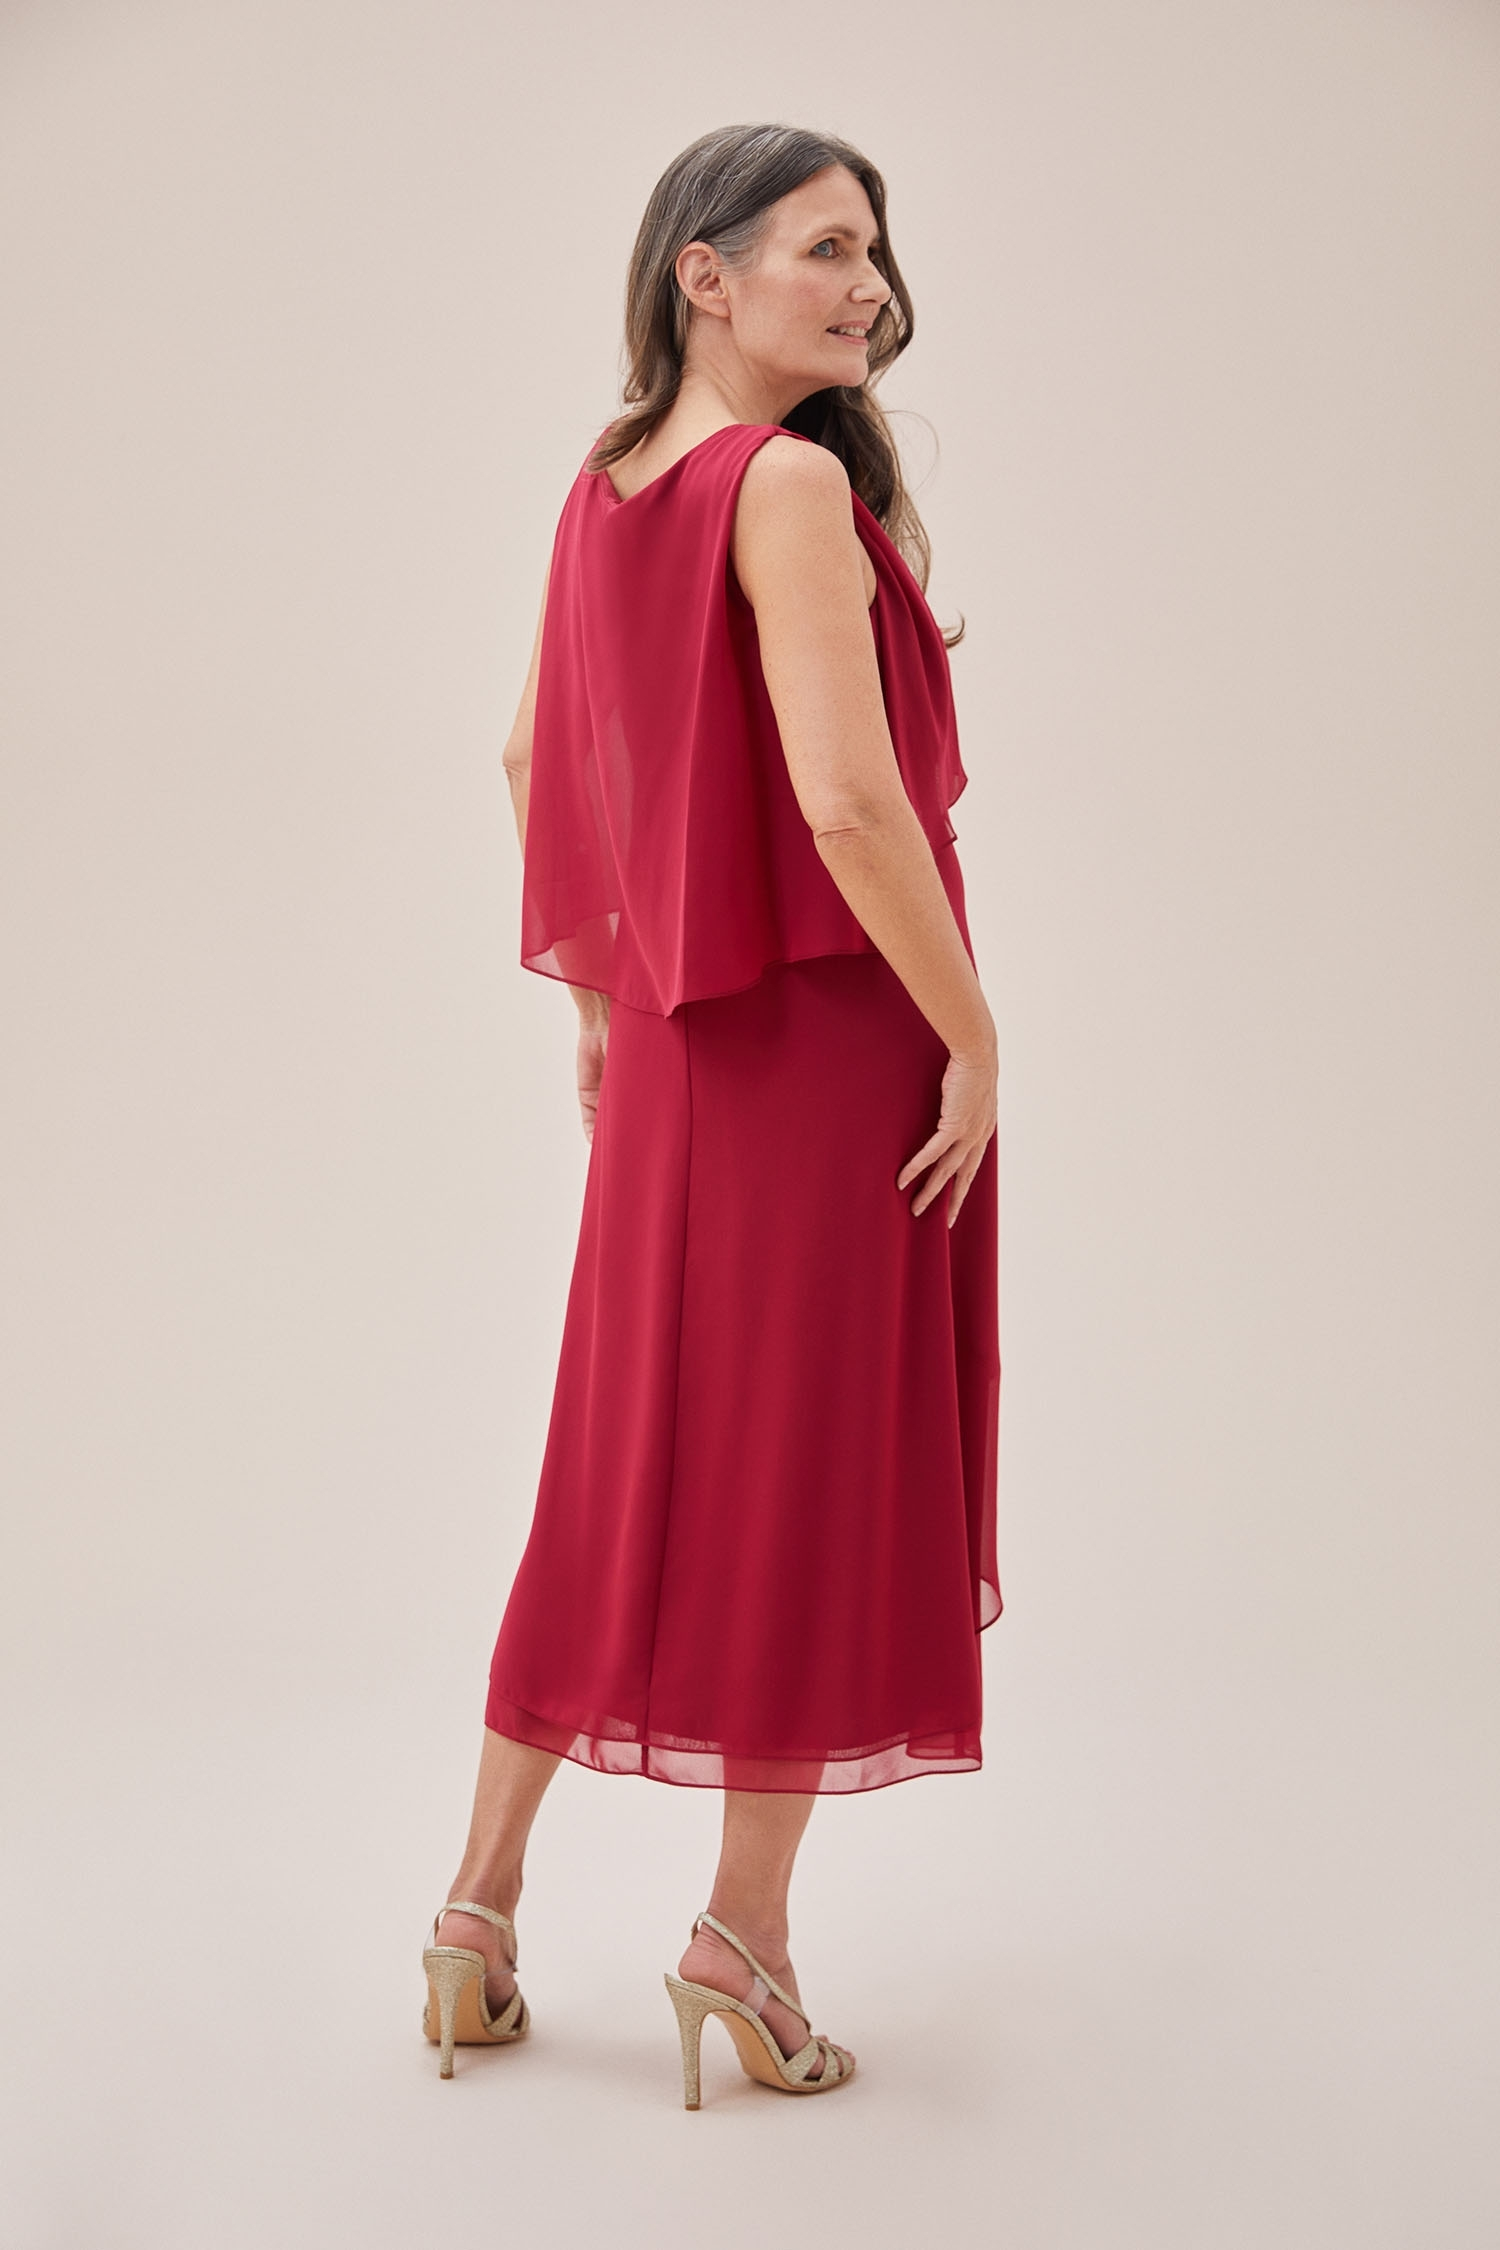 Koyu Kırmızı Kolsuz Midi Boy Şifon Elbise - Thumbnail